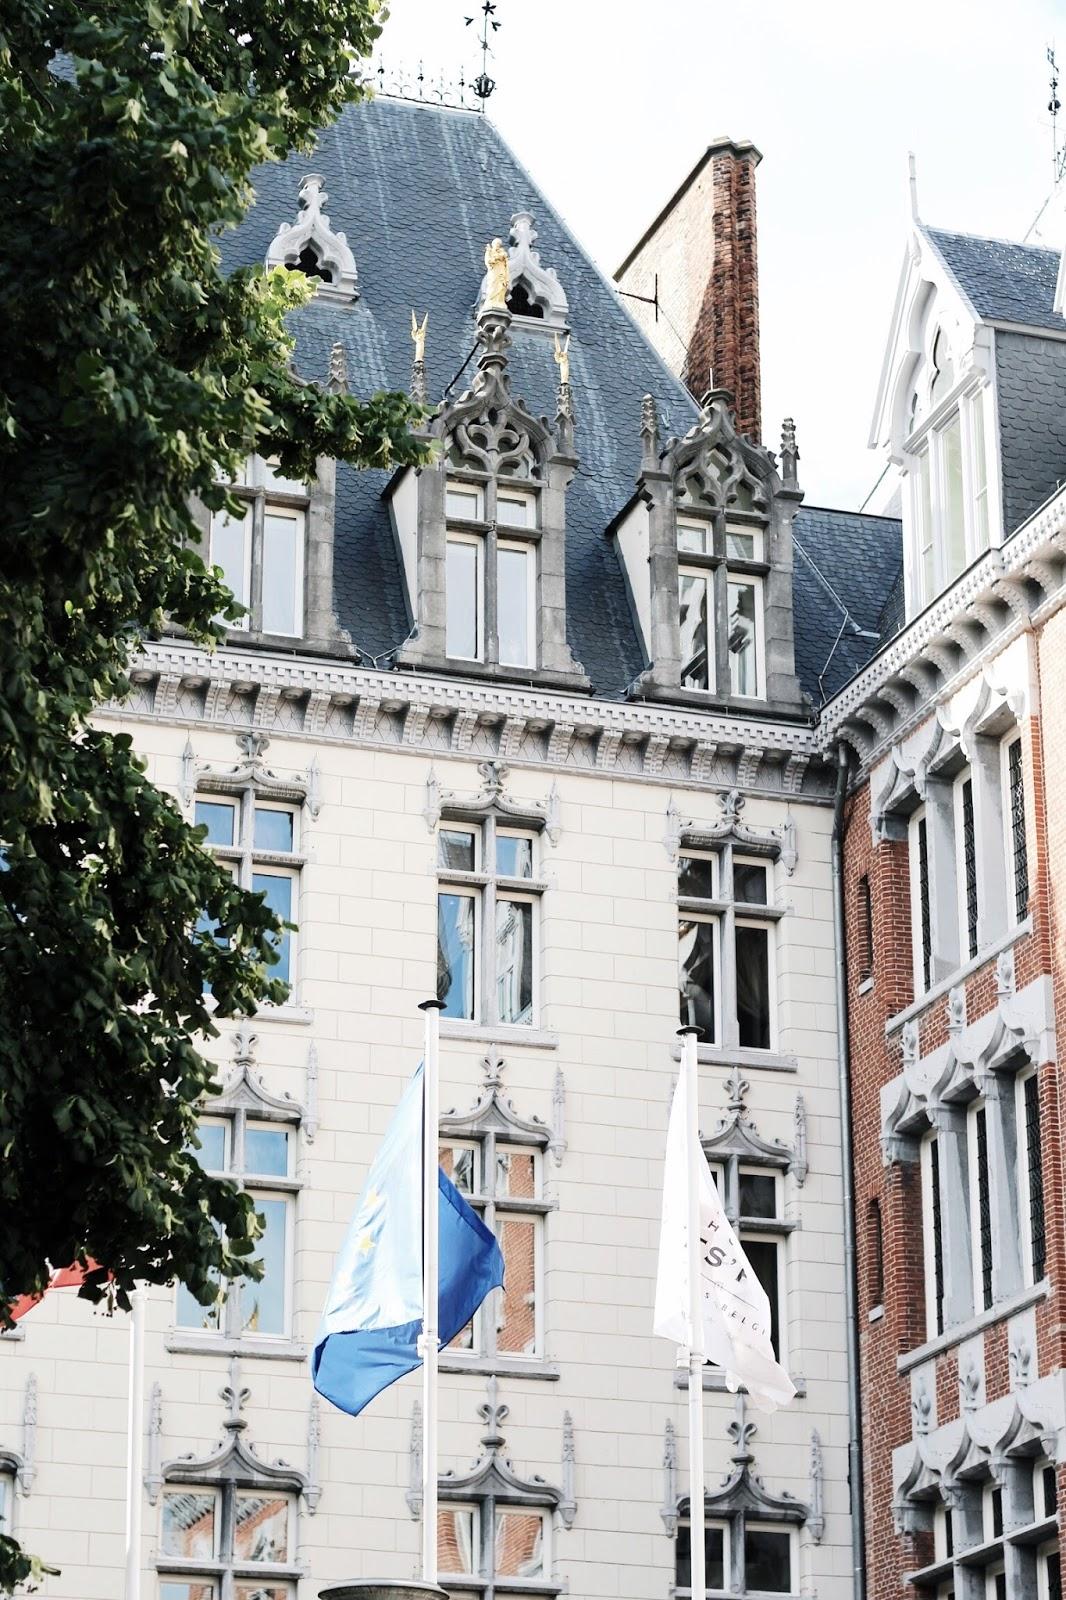 Luxury 5 Star Hotel Dukes Palace Bruges